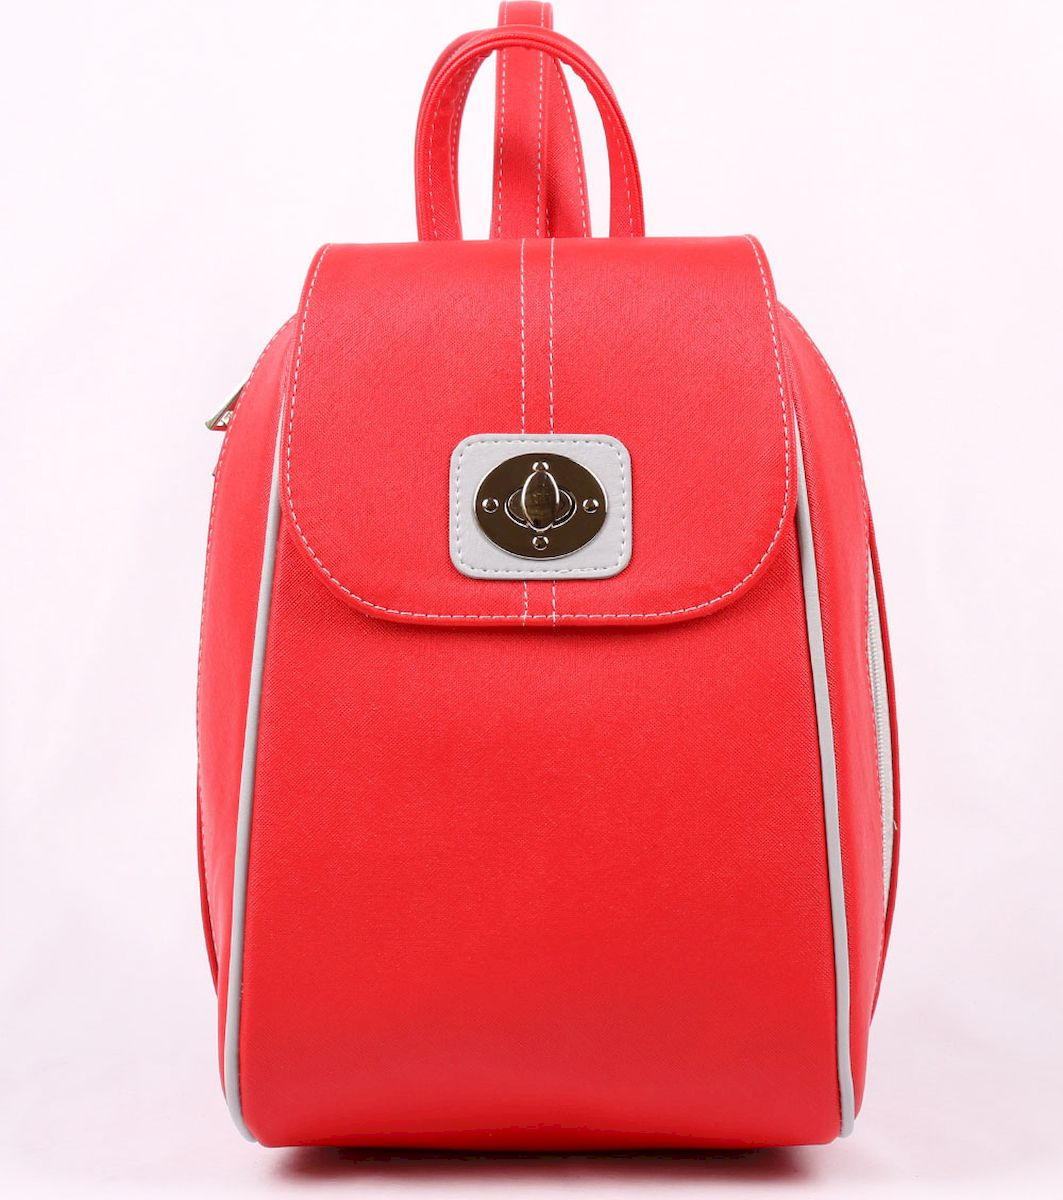 Рюкзак женский Медведково, цвет: красный. 17с3542-к14 рюкзак женский медведково цвет бежевый 16с3880 к14